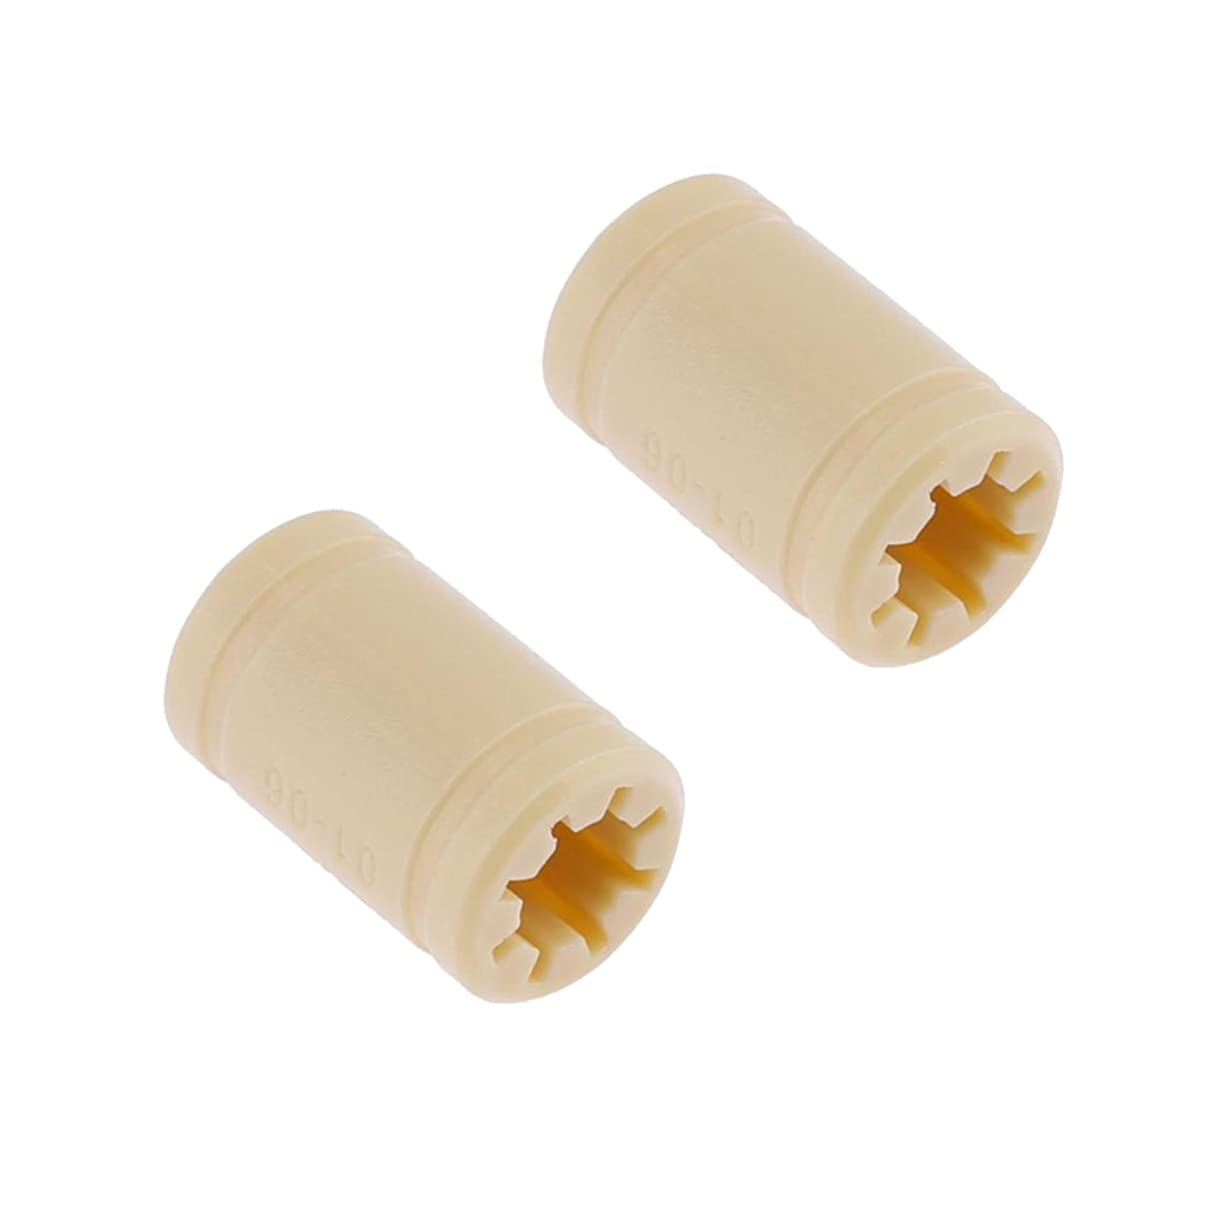 おとなしいマッシュ無声で3Dプリンタ リニア ベアリング ポリマー シャフト 固体 プラスチック キット RJMP-01 全3サイズ 2本入り 交換性 便利性 - 6mm